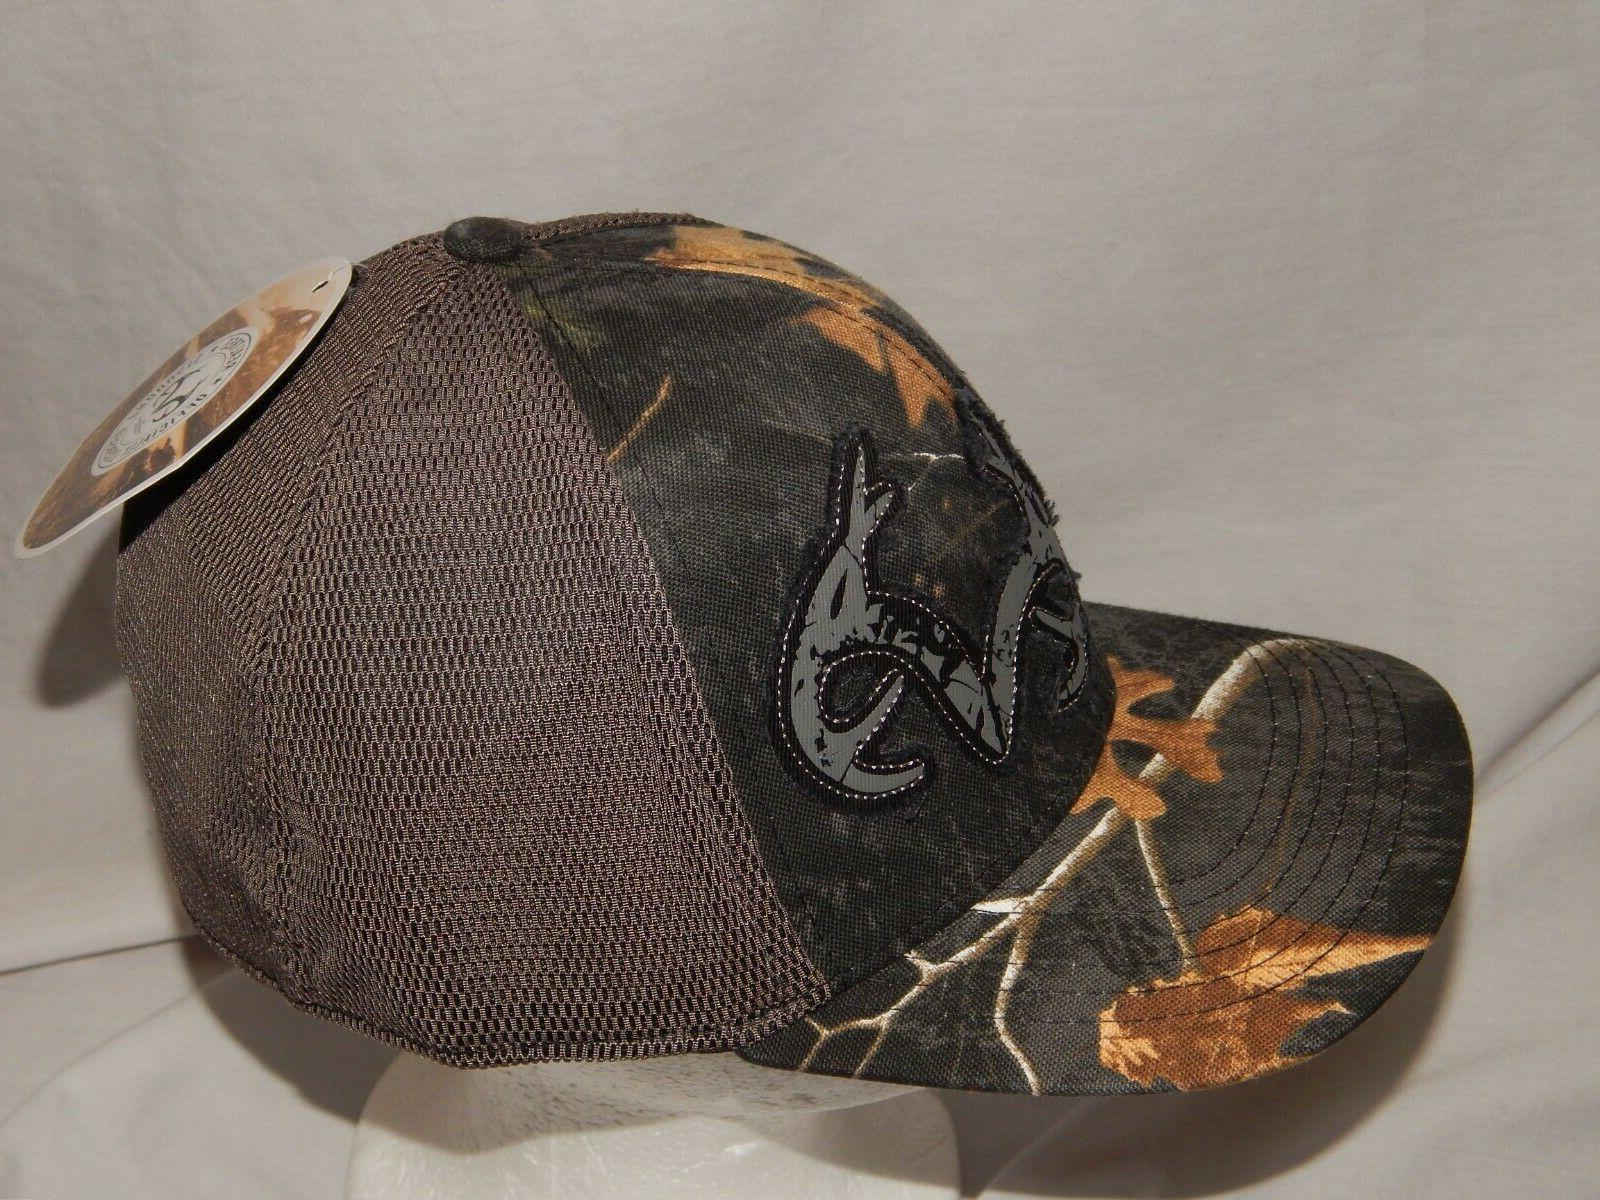 NEW Hat Cap Camo S/M L/XL